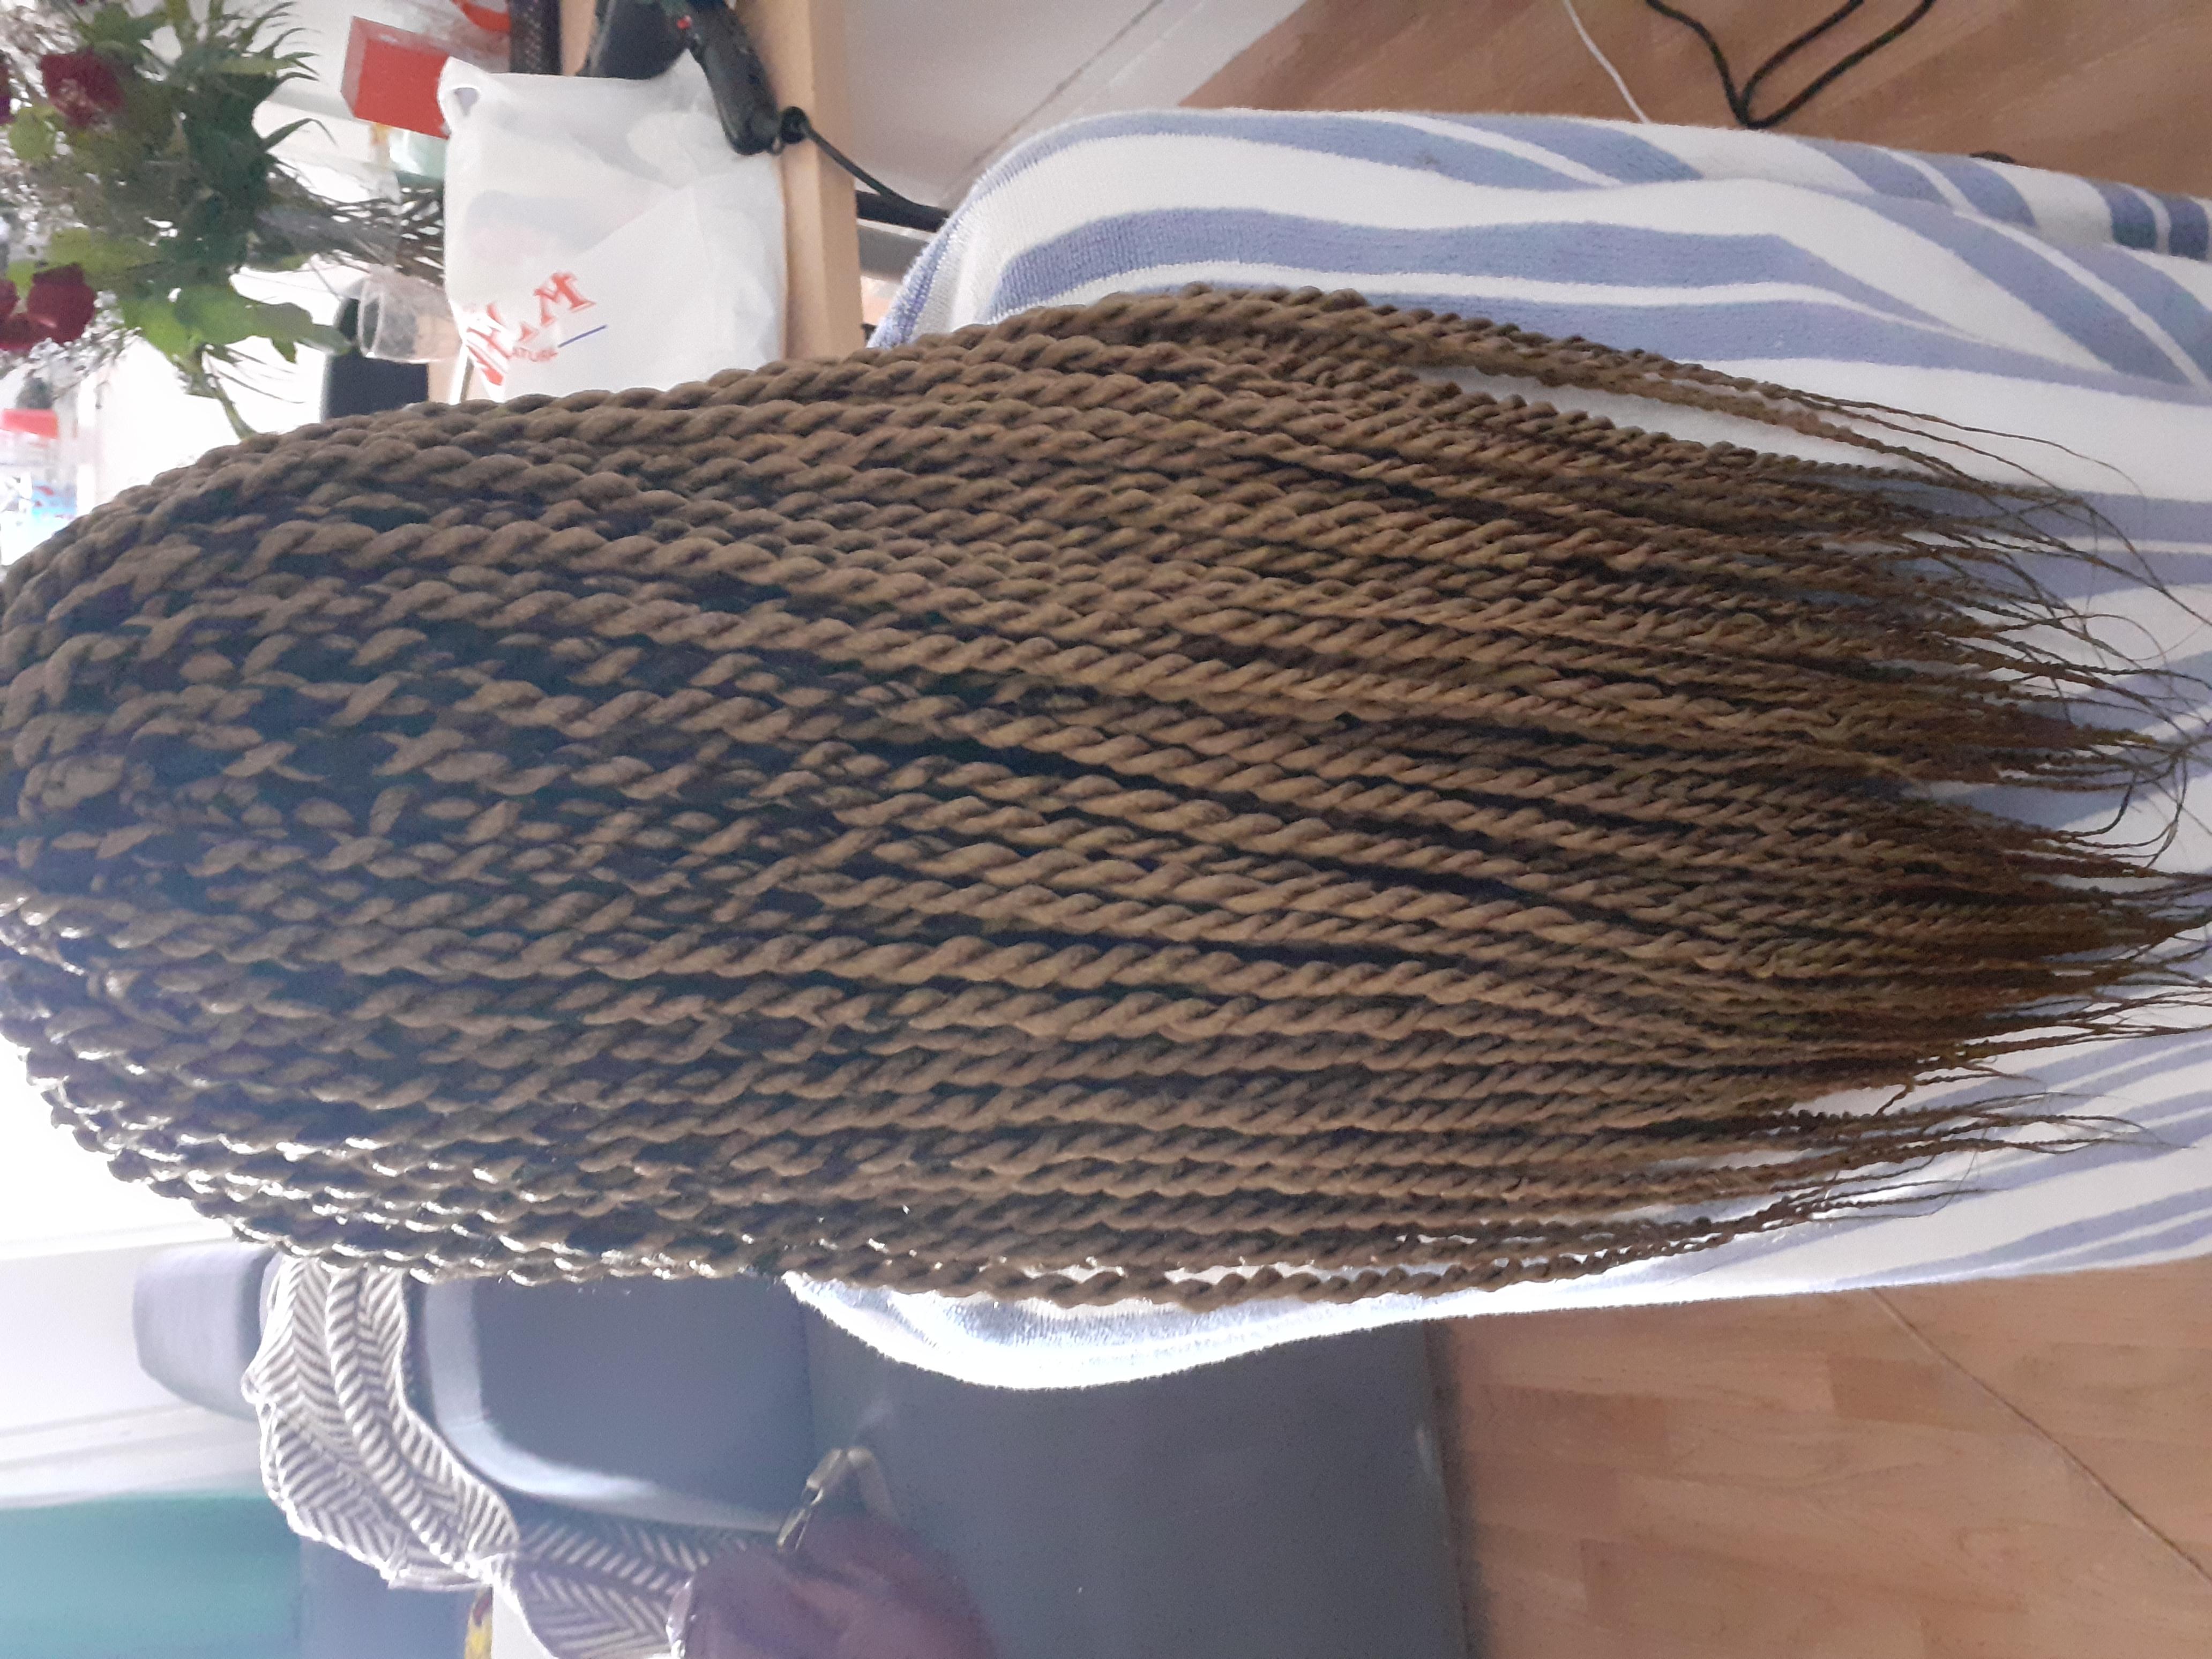 salon de coiffure afro tresse tresses box braids crochet braids vanilles tissages paris 75 77 78 91 92 93 94 95 PJQTGKYD